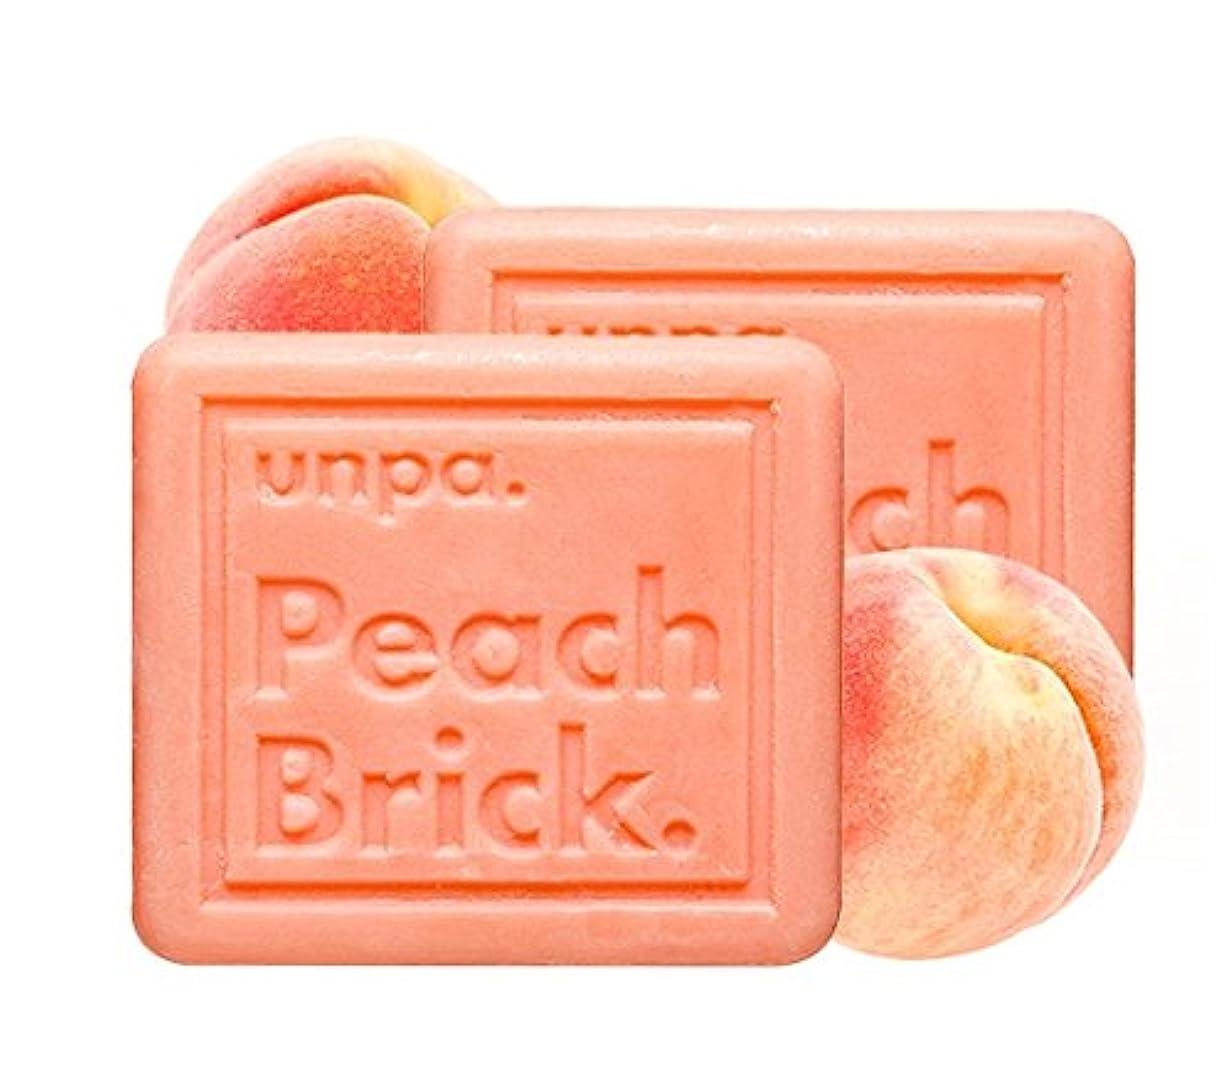 実装する事実上イディオムunpa ピッチ?ブリック?トンアップ?ソープ(Peach Brick Tone-Up Soap)